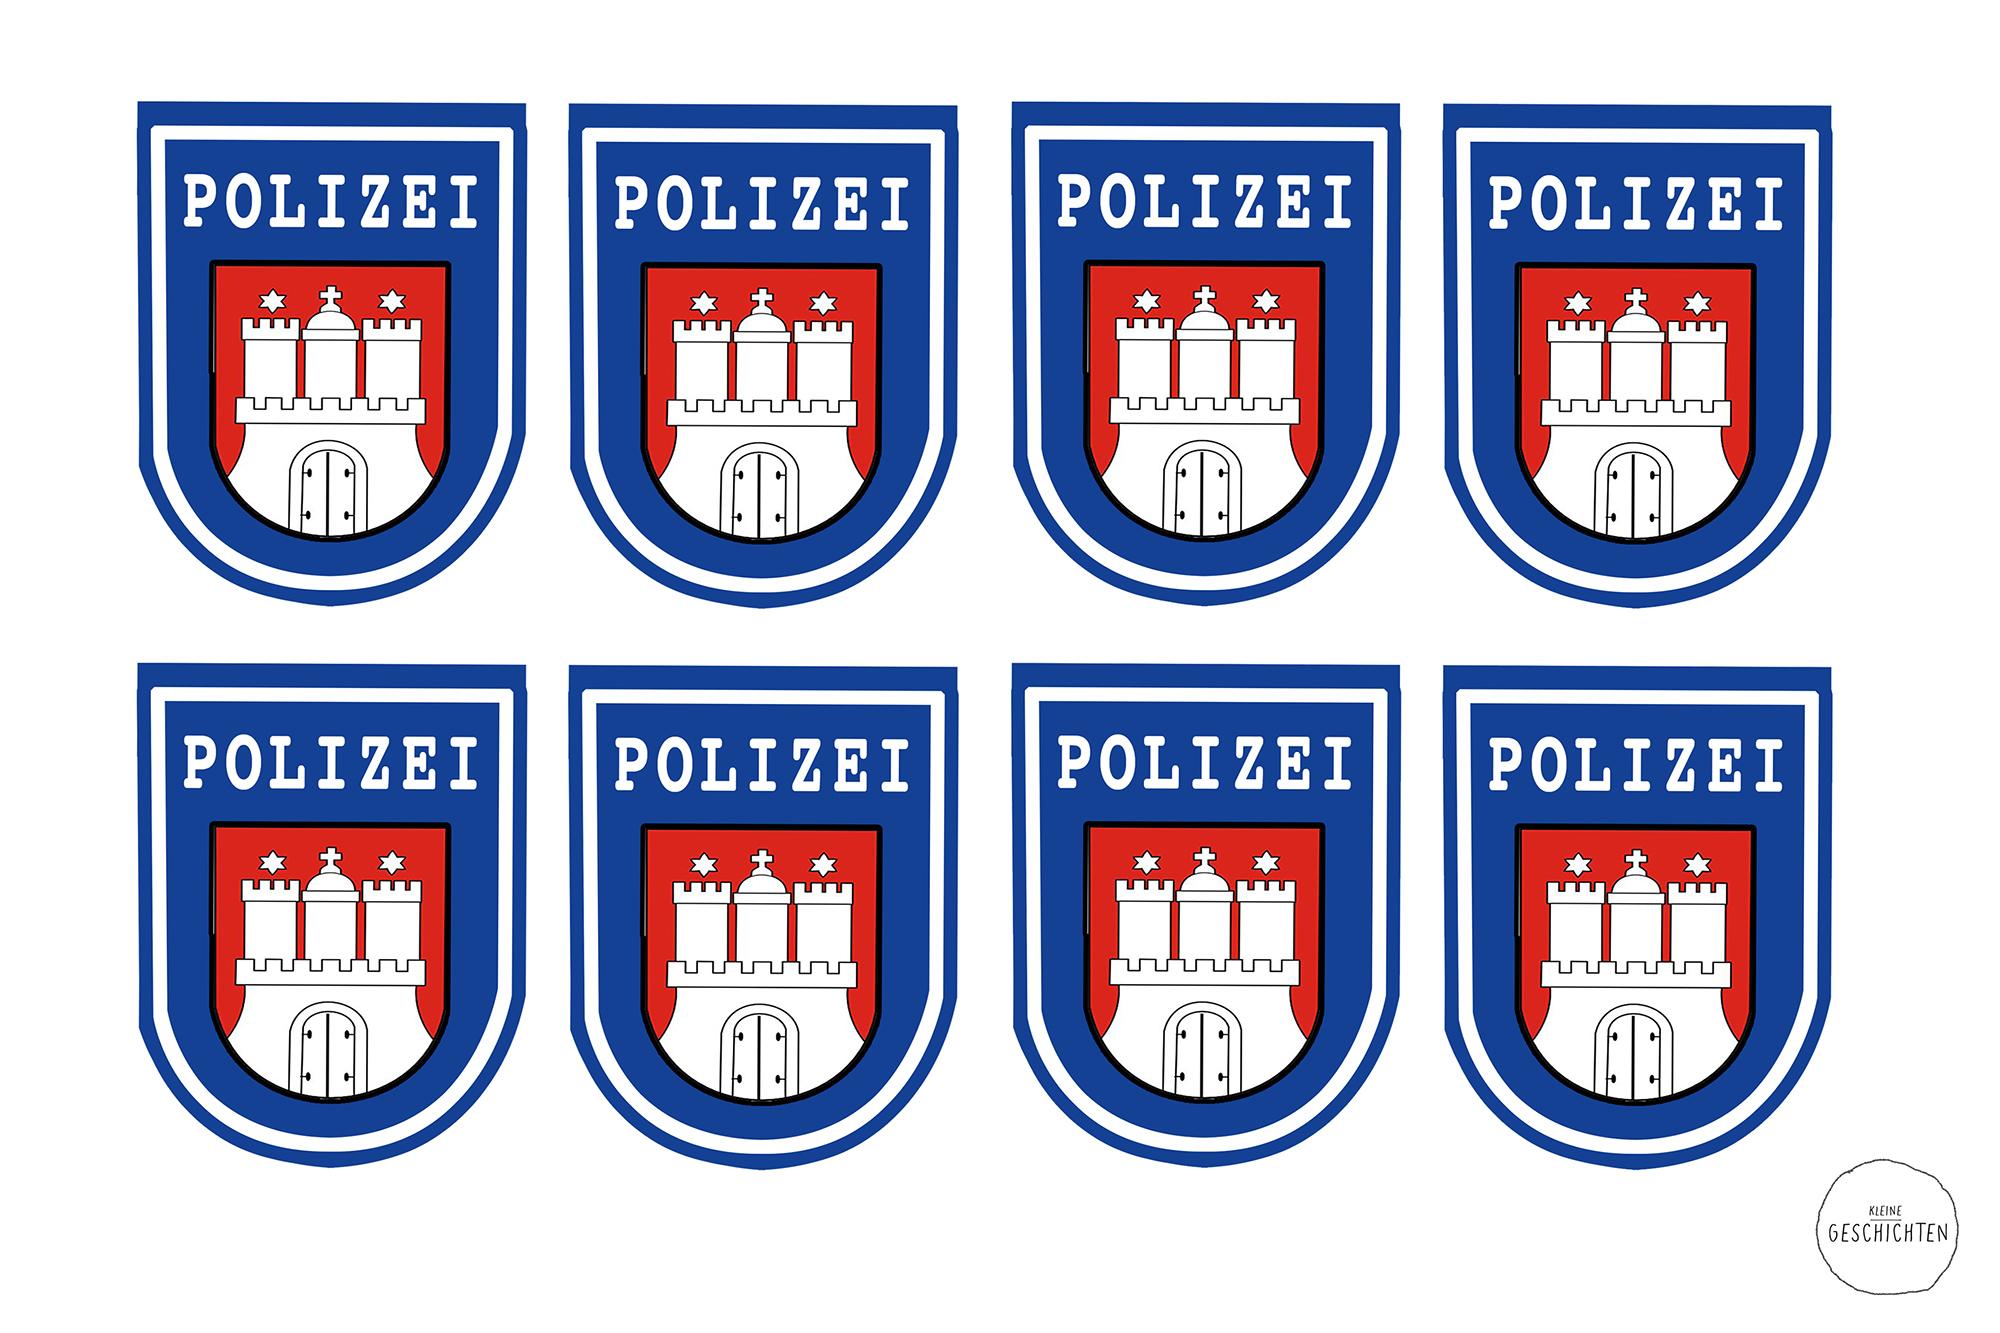 Kleine Geschichten - Polizei Party für Kinder - Kindergeburtstag - Spieleideen - Jungen Geburtstags Party